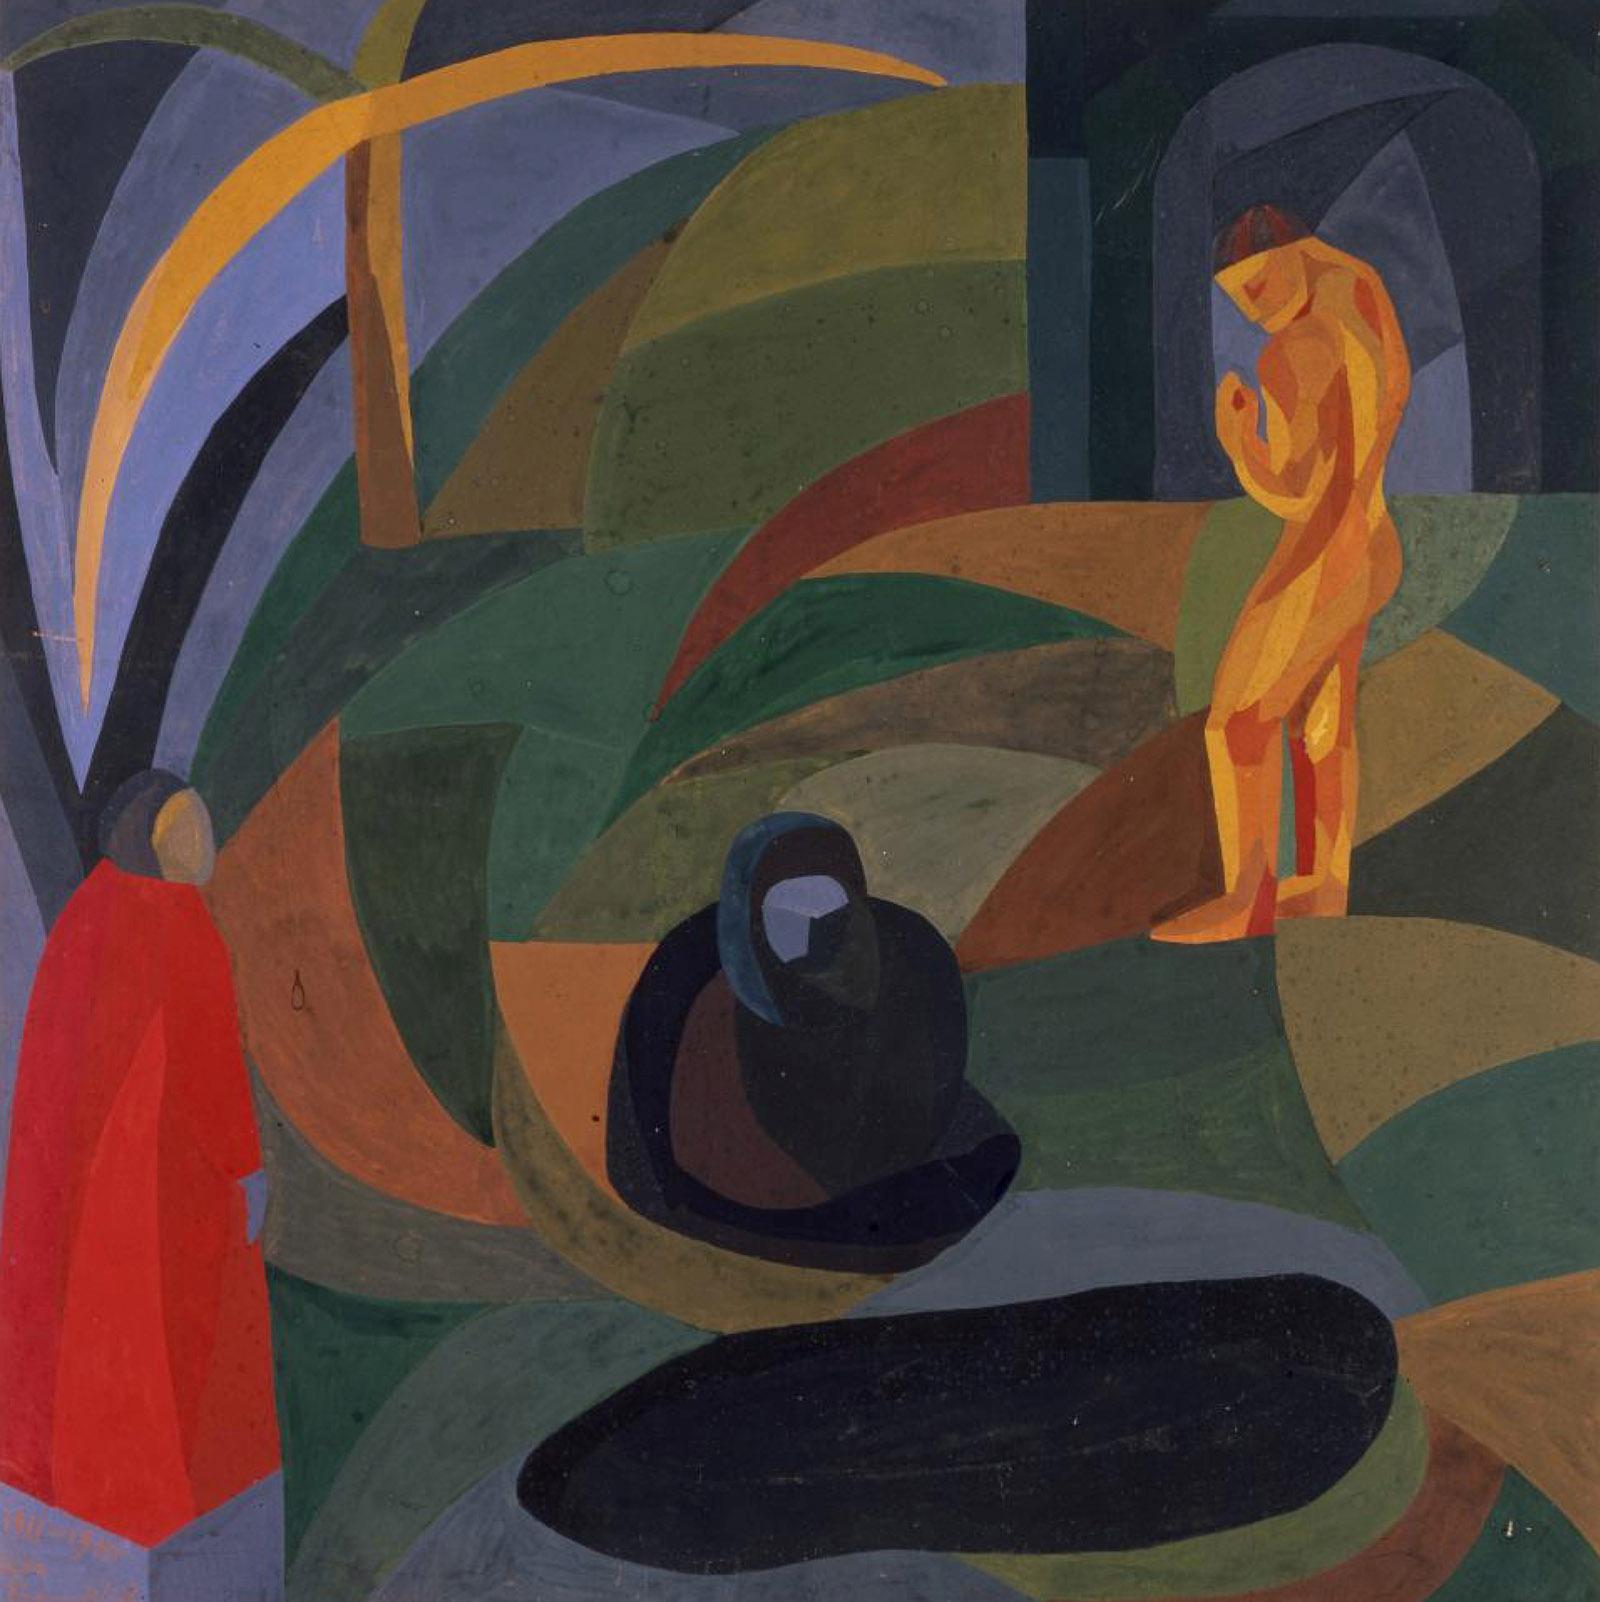 Otto Freundlich, Composition avec trois figures, 1911/1941 Gouache sur carton, 50 x 50 cm, Musée de Pontoise, Donation Freundlich © Musée de Pontoise